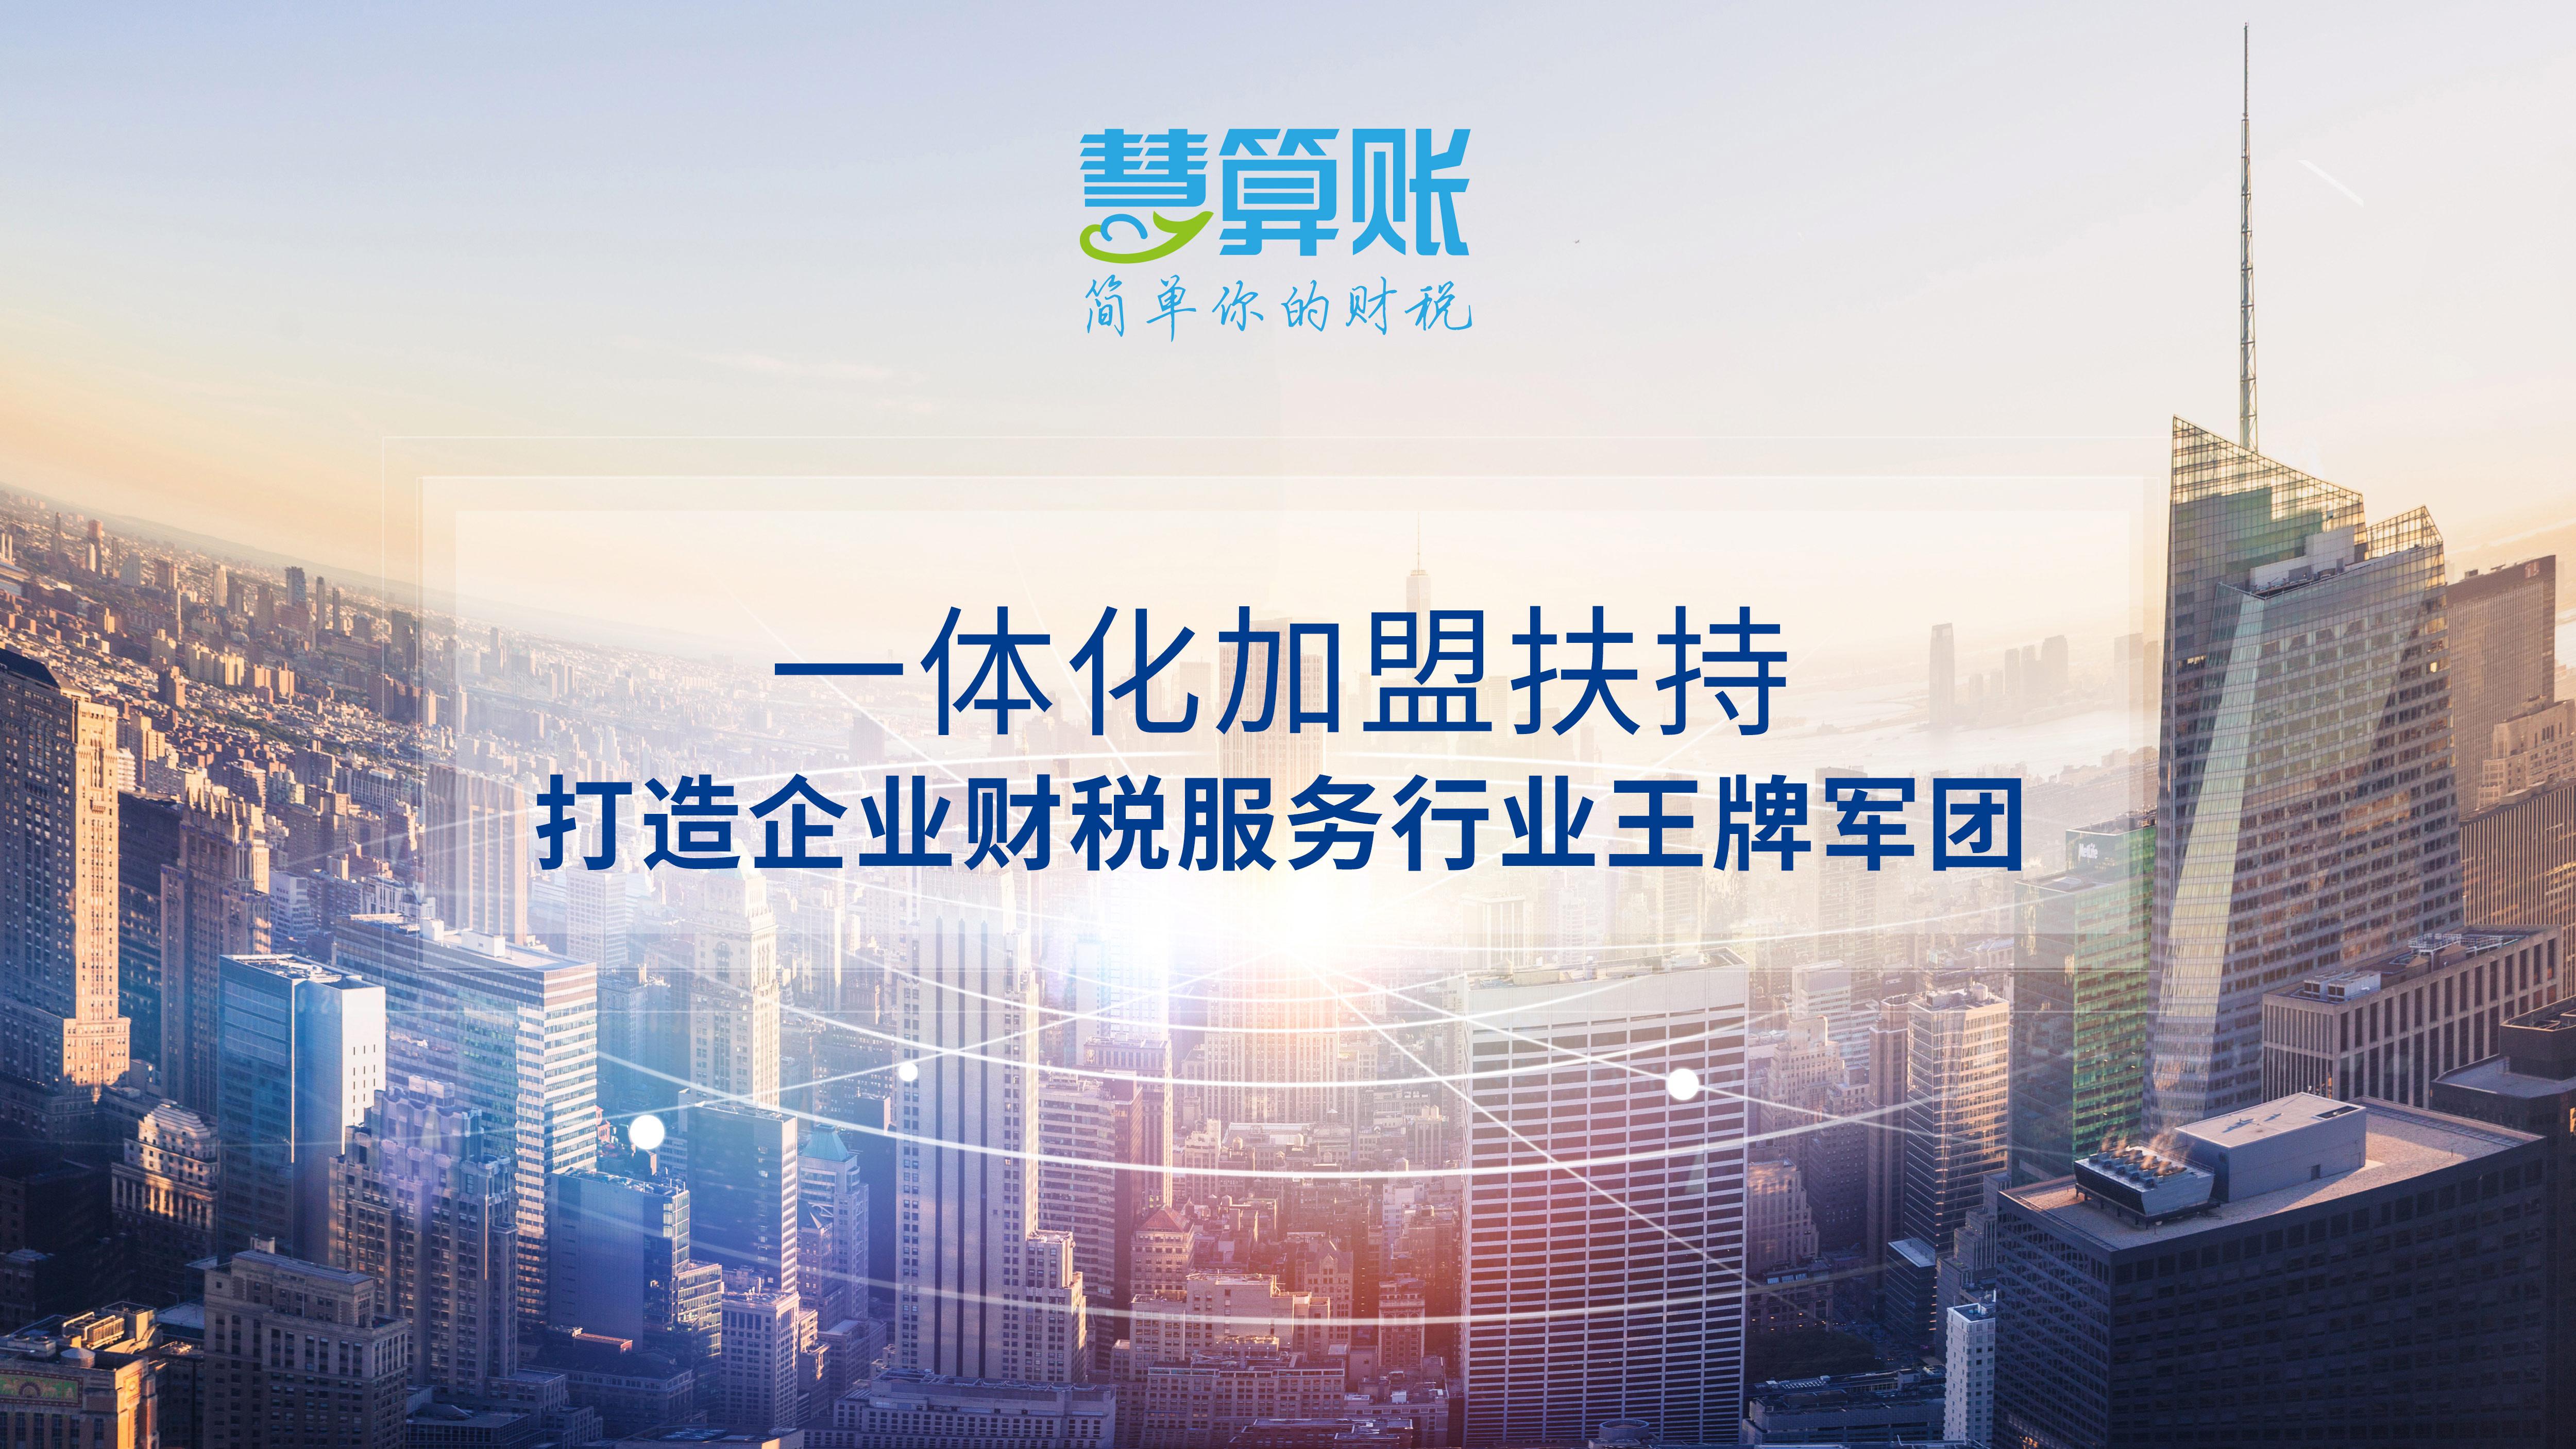 慧算账一体化加盟扶持 打造企业财税服务行业王牌军团